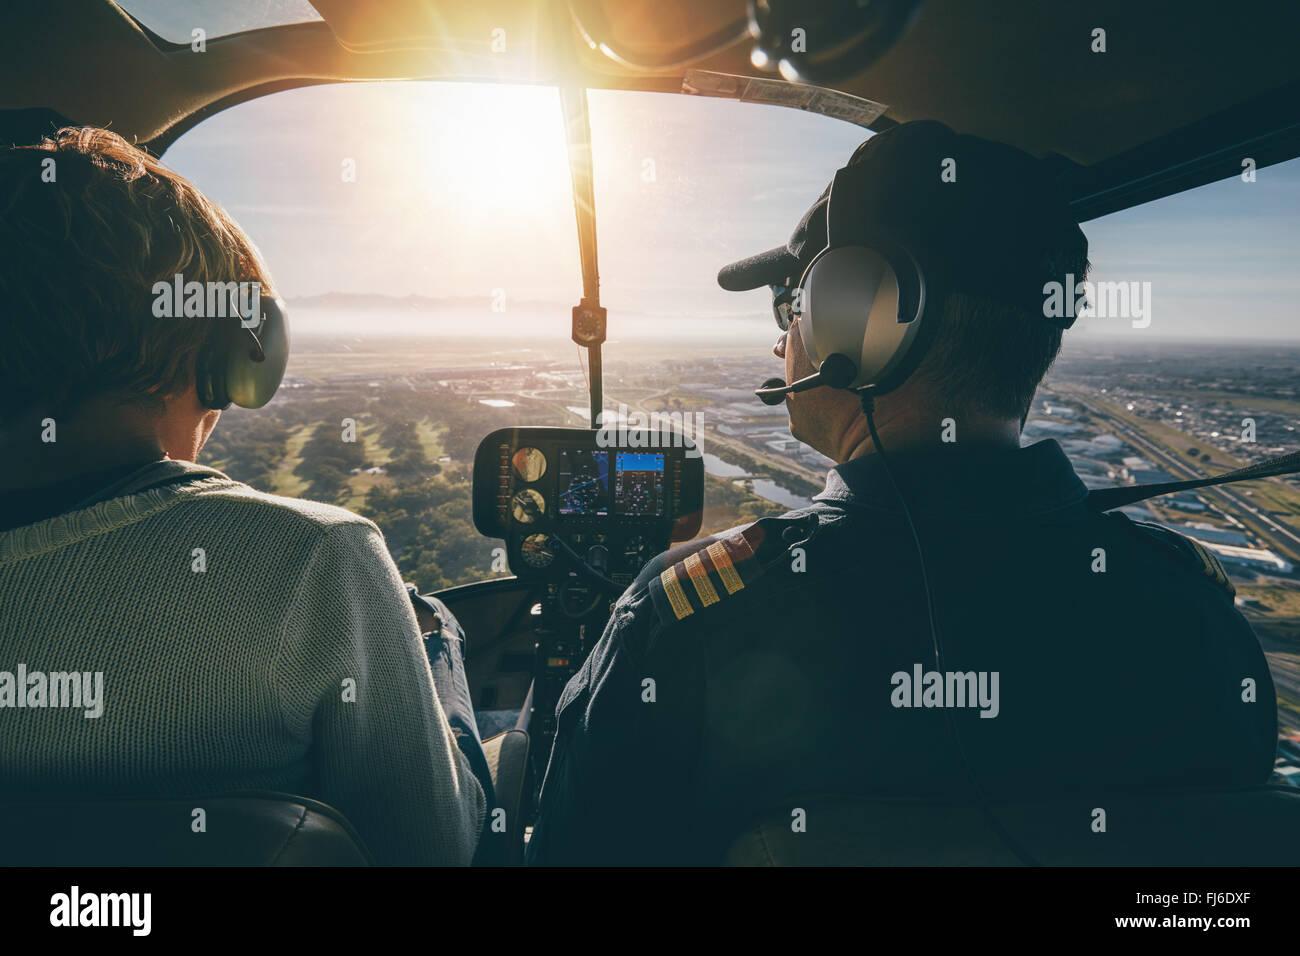 Vista interior de un helicóptero en vuelo, con el hombre y la mujer pilotos volar un helicóptero en un Imagen De Stock